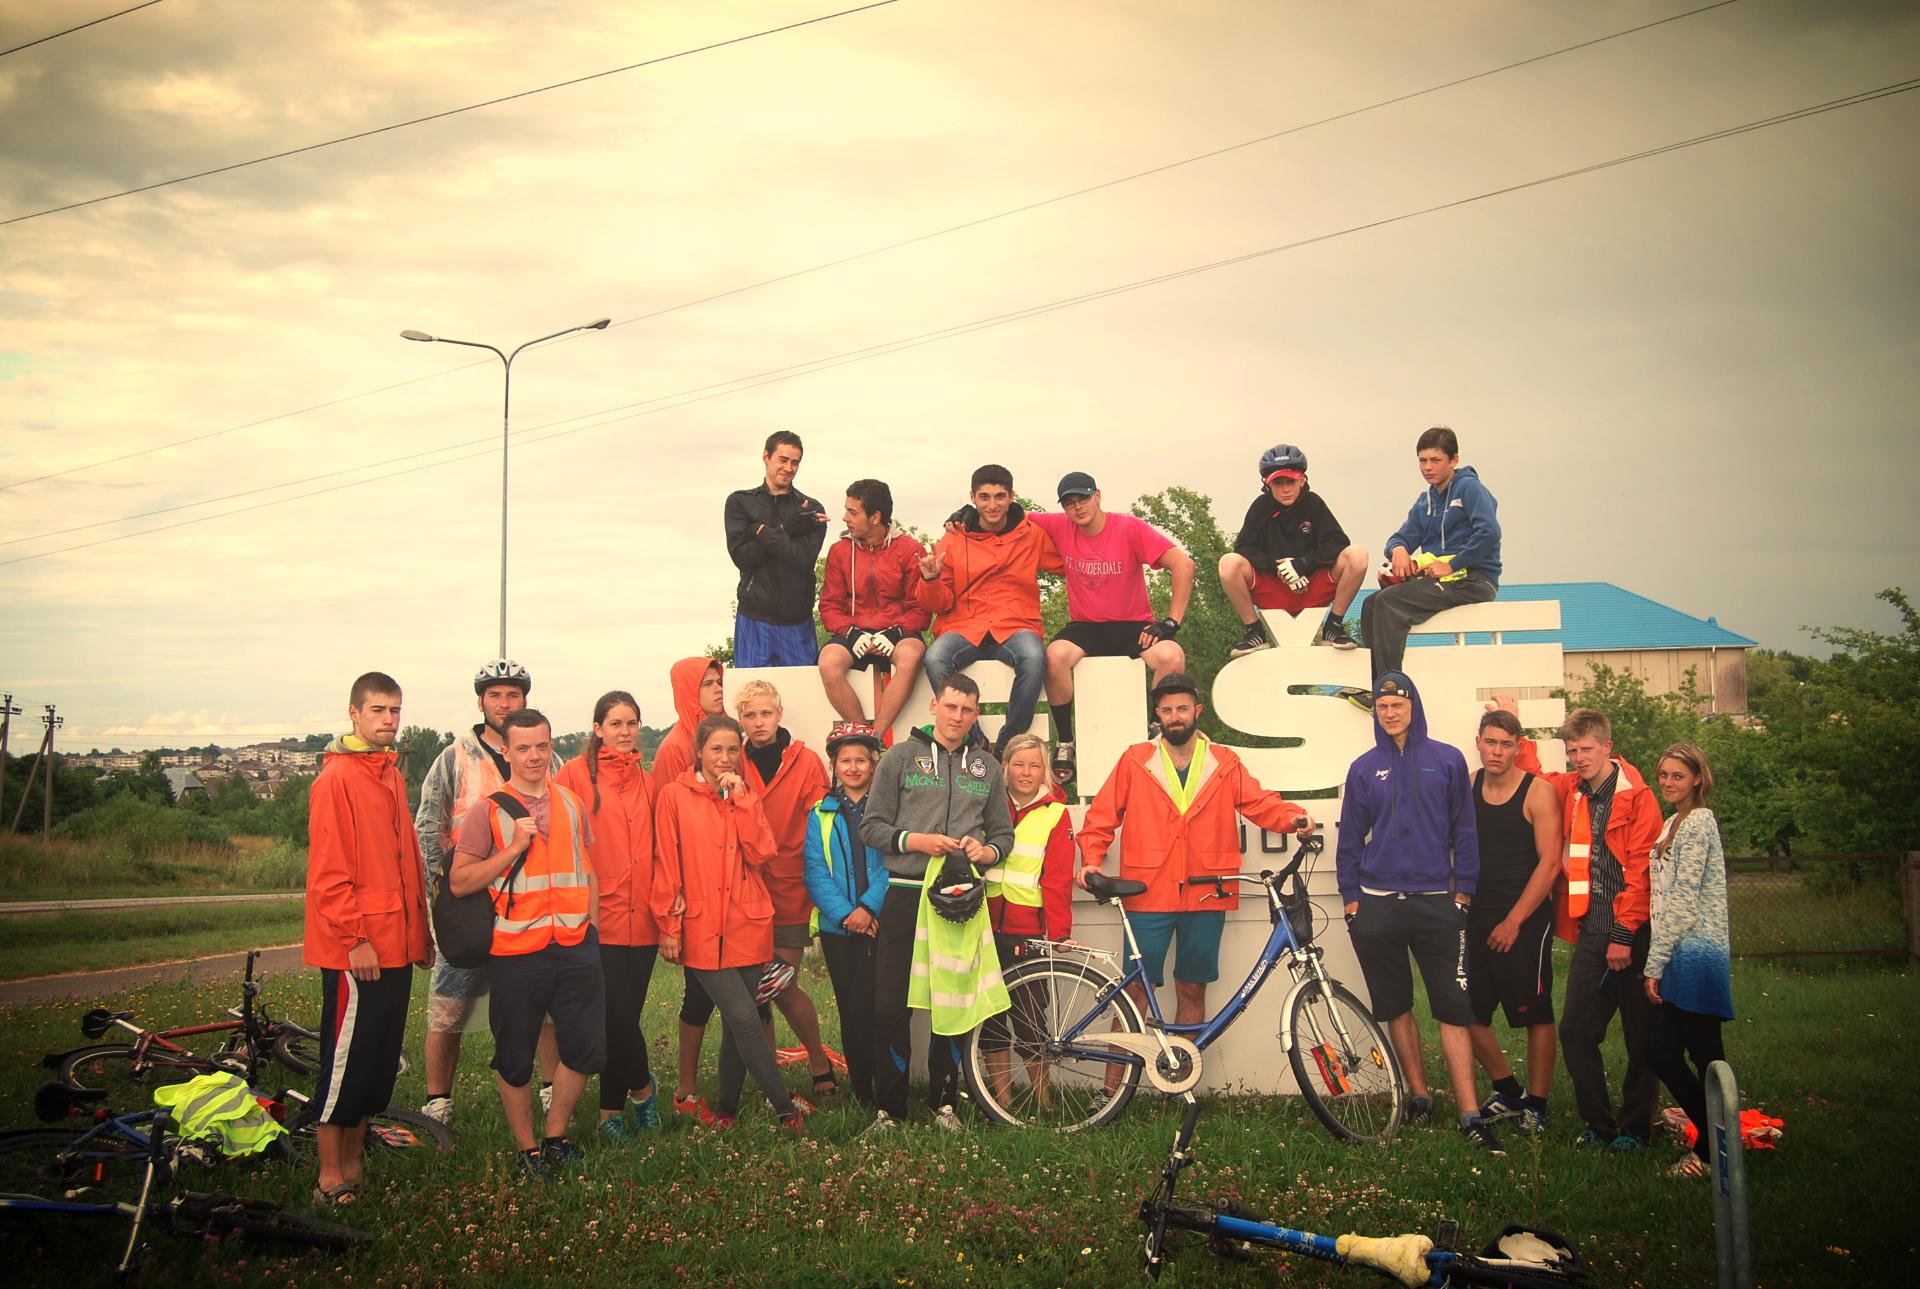 Mink pedalus - suk linciūgą 2015